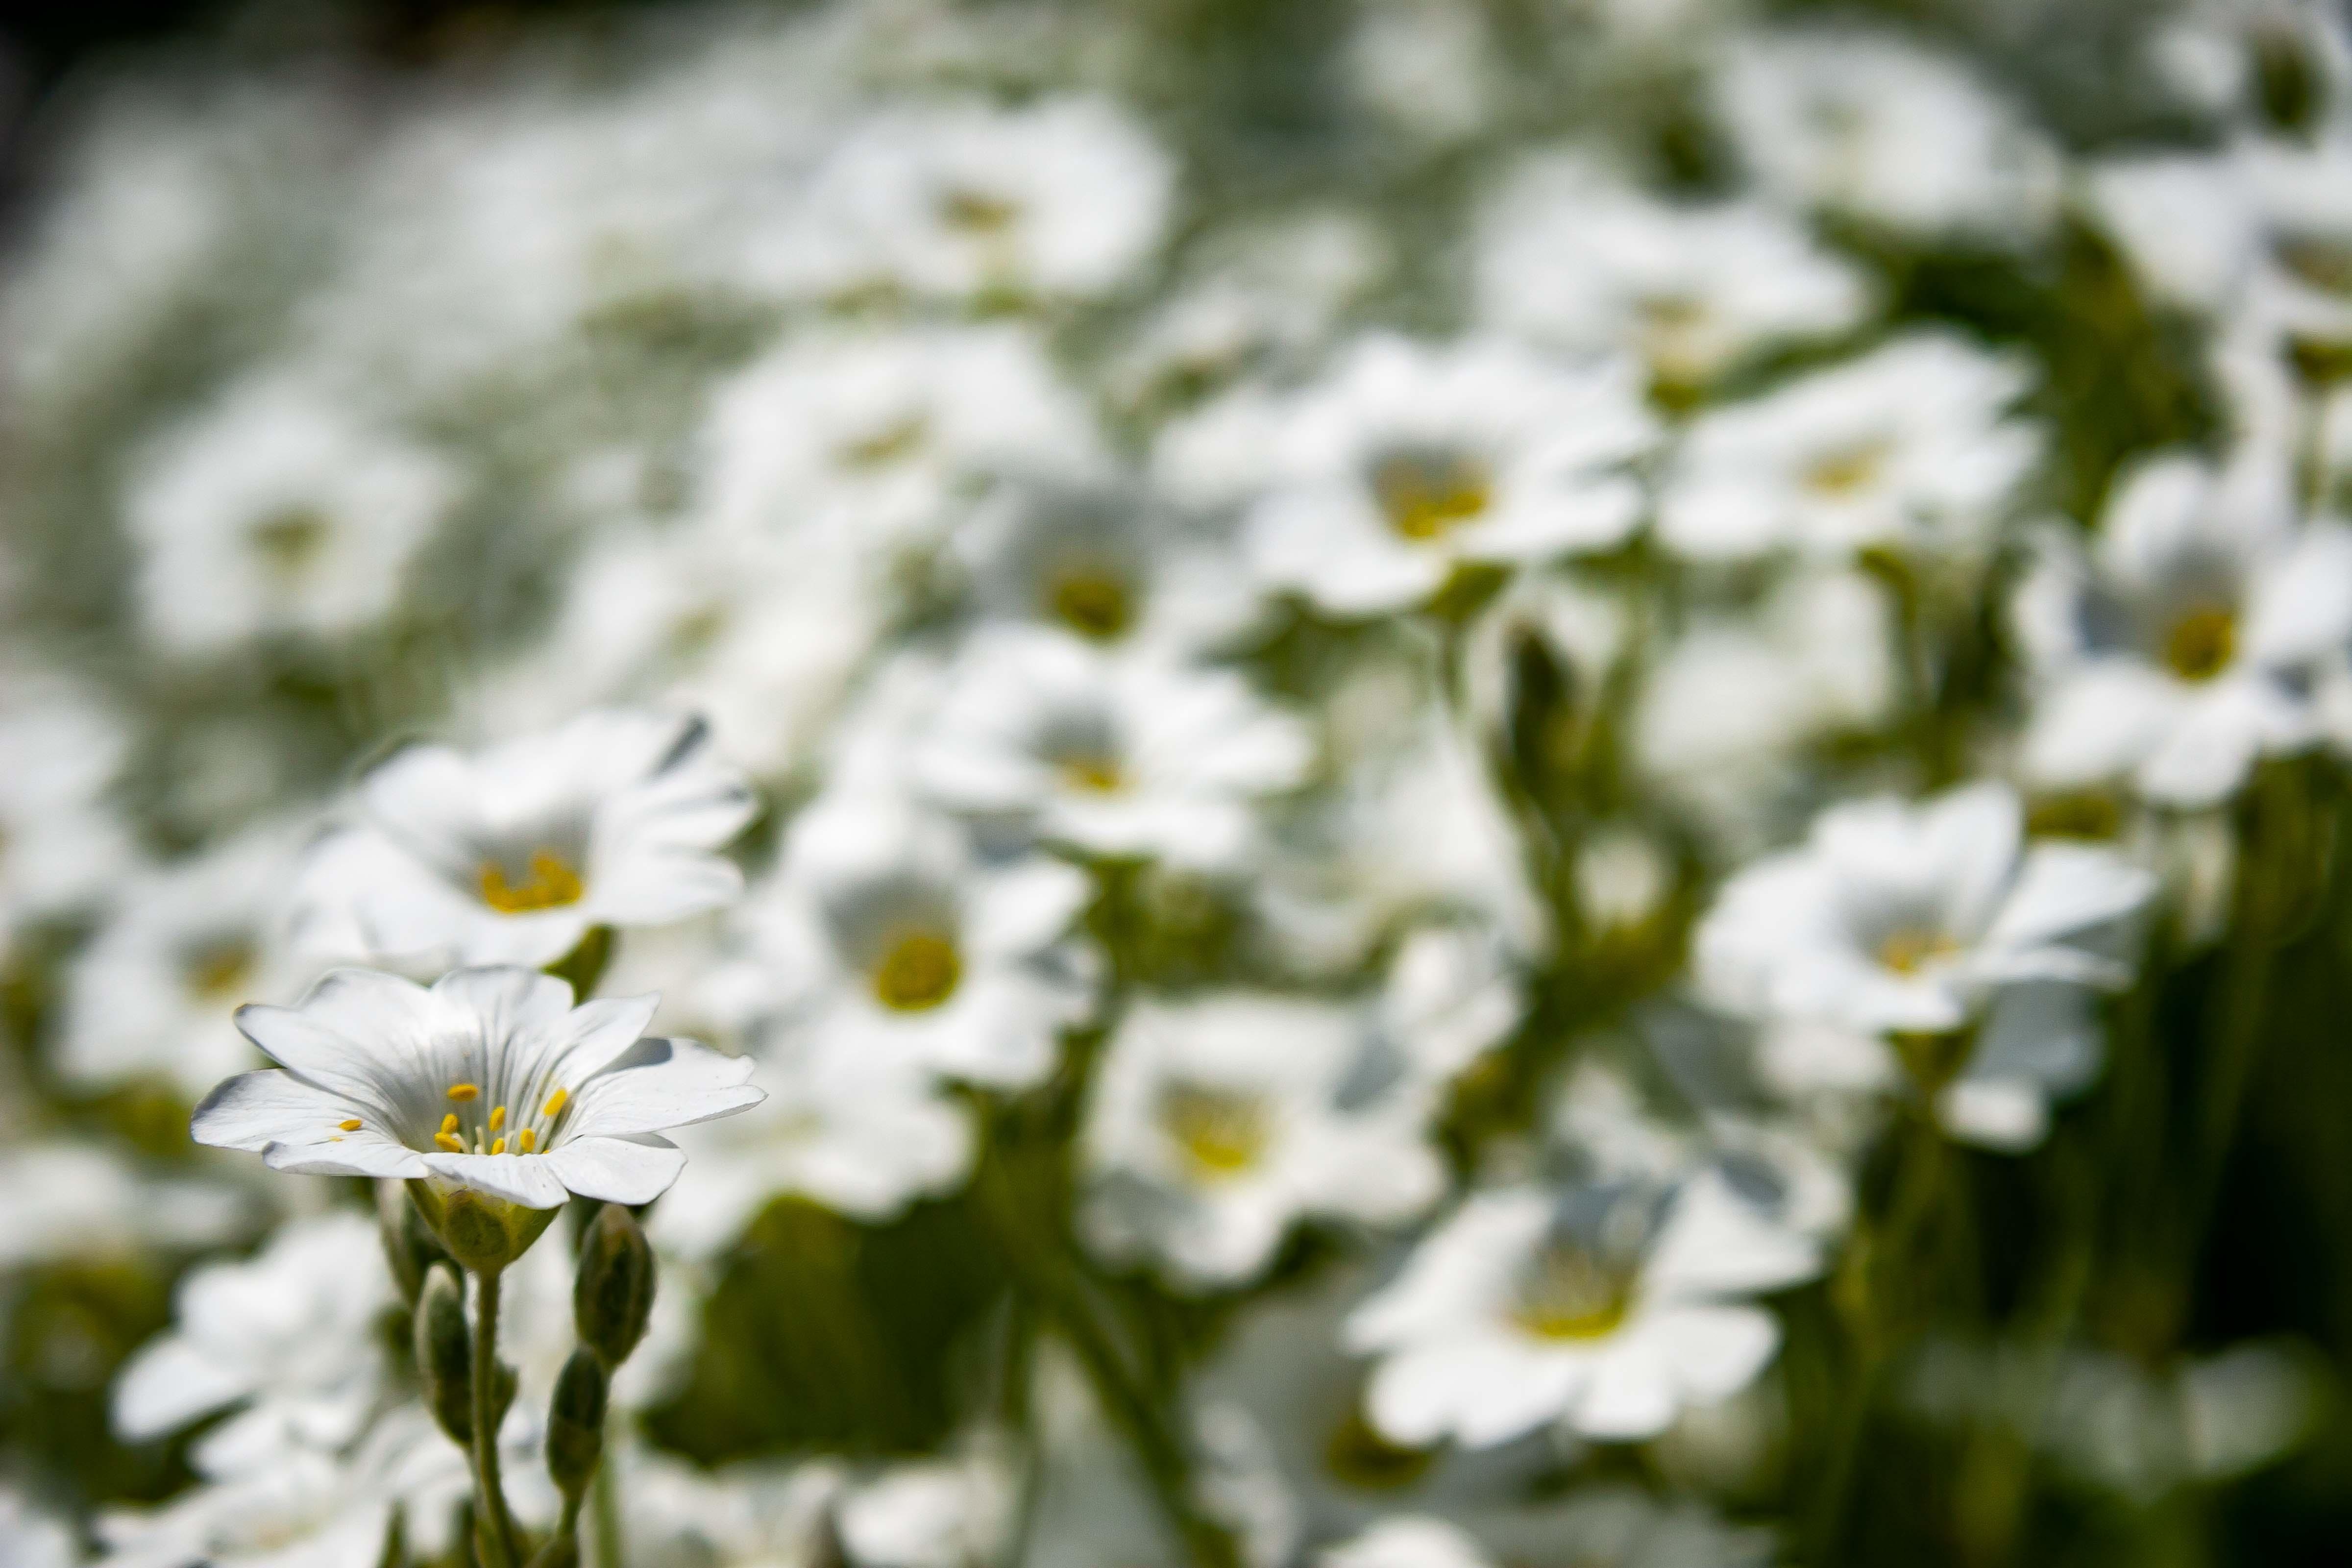 Slovenia, Slovenj Gradec Prov, White Flower, 2006, IMG 8526